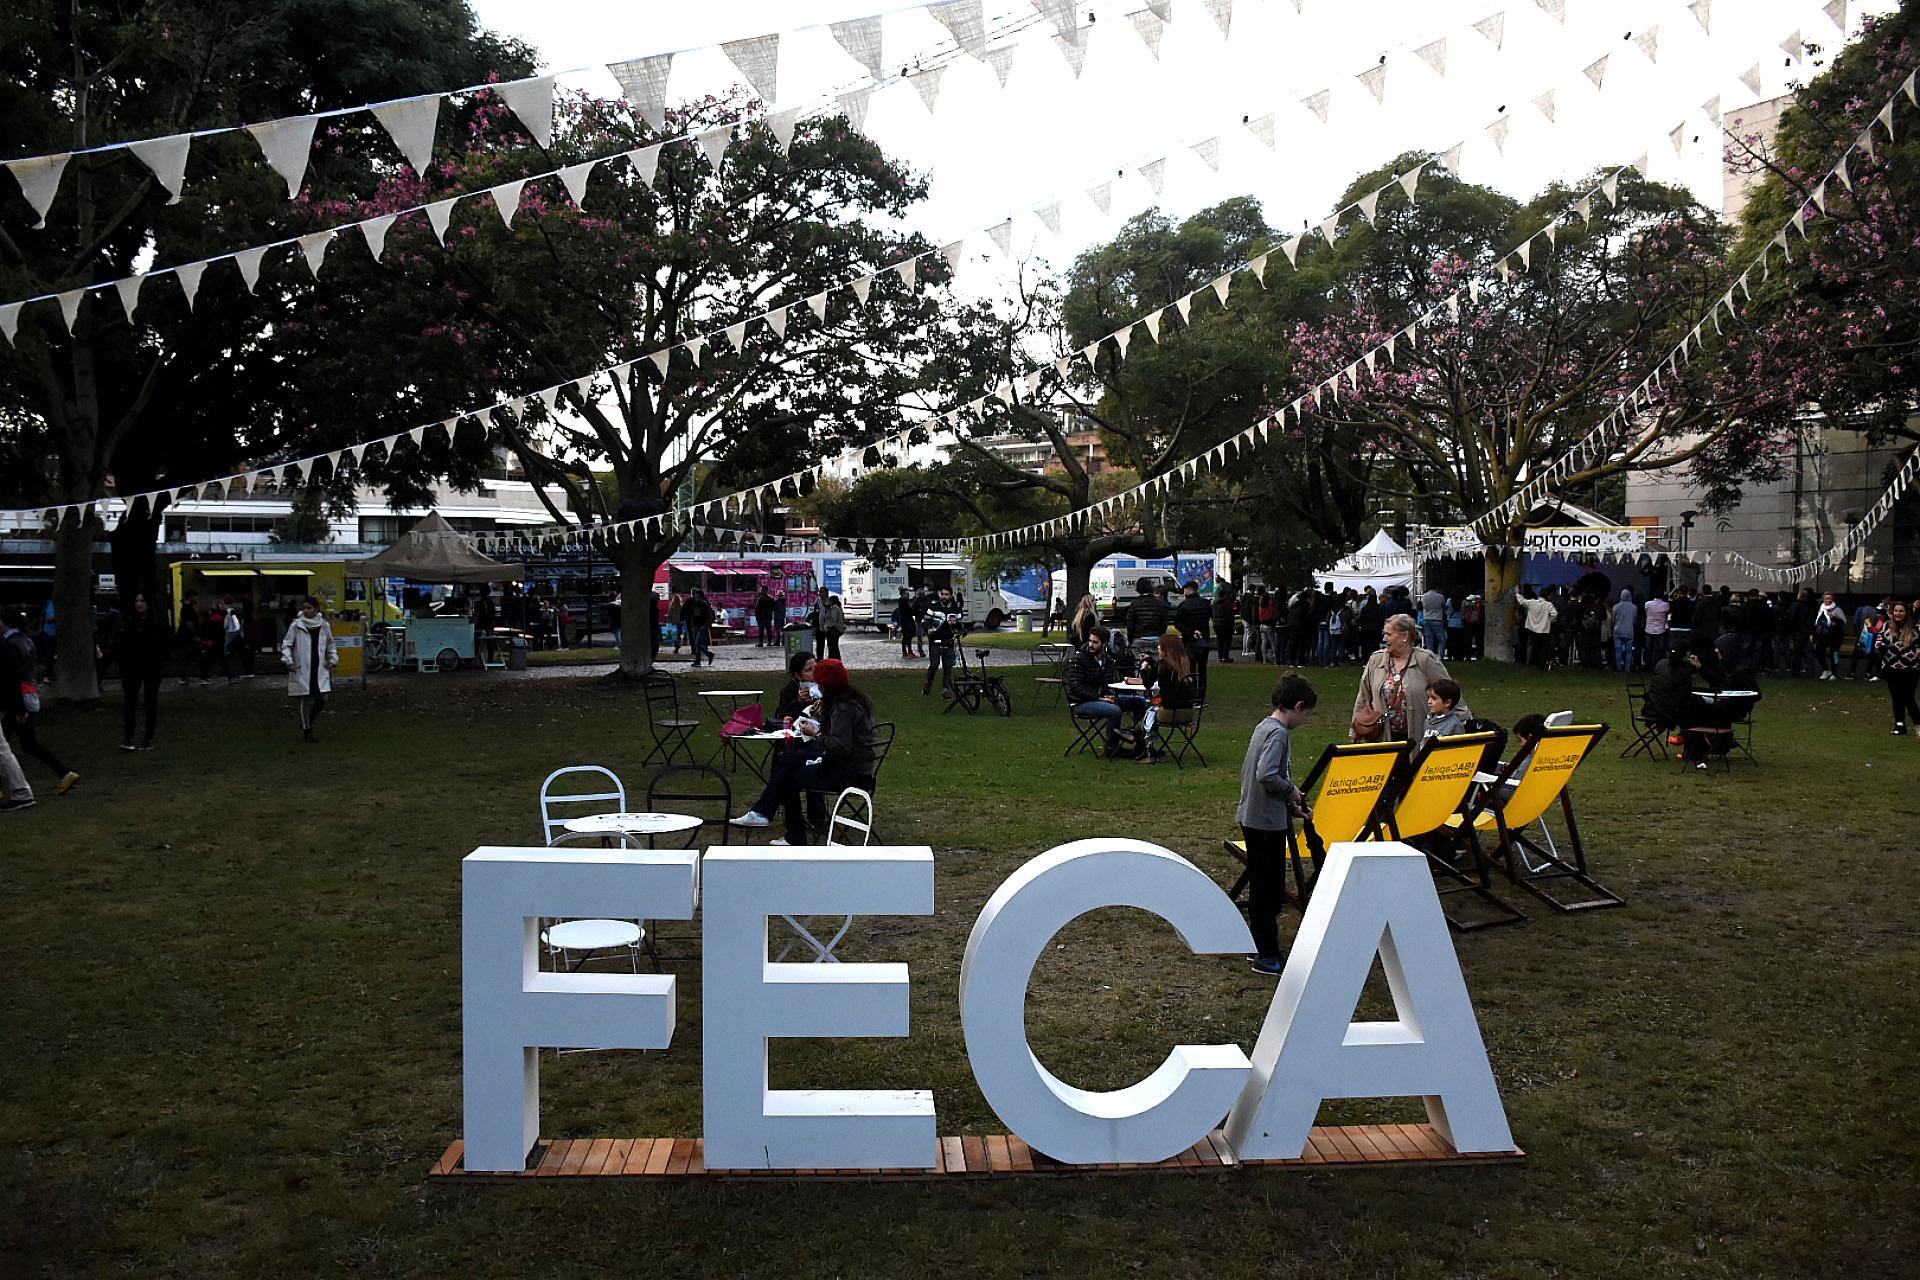 """""""FECA, Festival de Café"""", se llevó a cabo la cuarta edición de este exclusivo evento gastronómico ogranizado por BA Capital Gastronómica en Plaza República del Perú donde los vecinos y turistas pudieron y también mañana domingo podrán disfrutar de exquisitos variados tipos de cafés"""